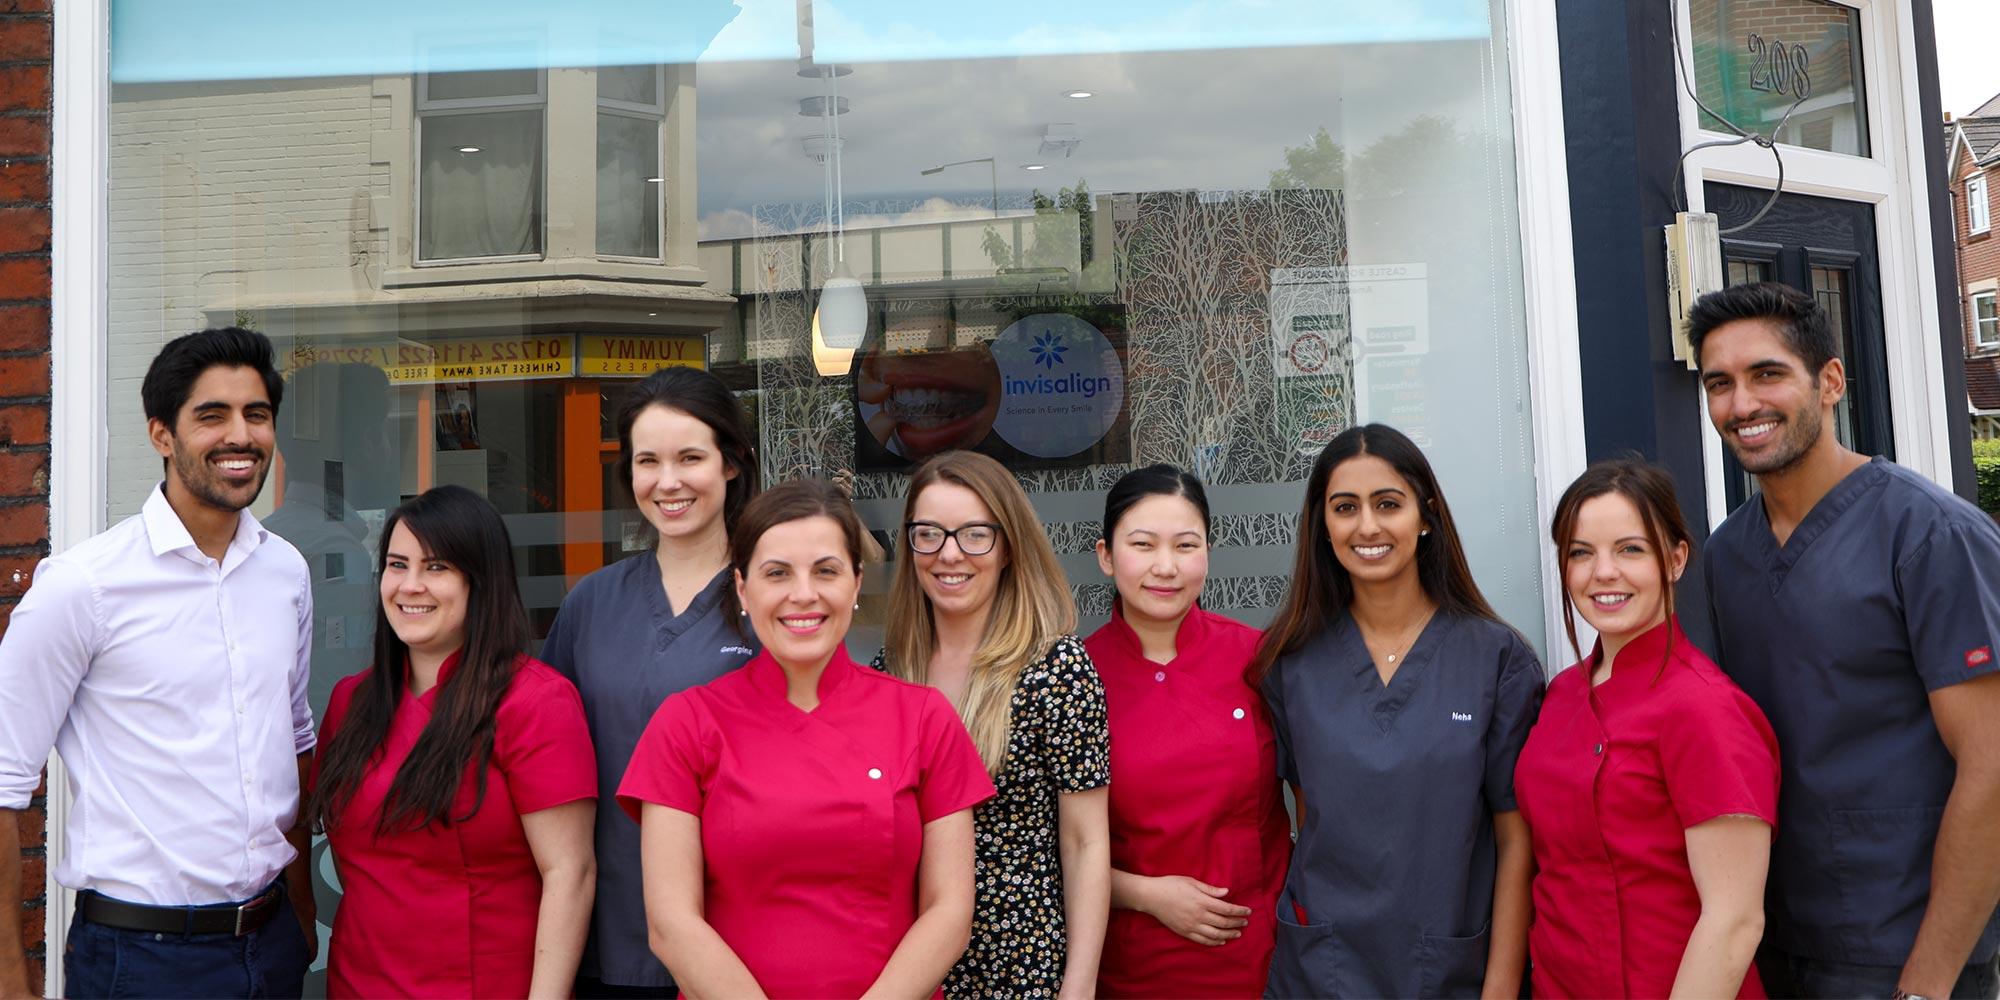 Sarum dental team